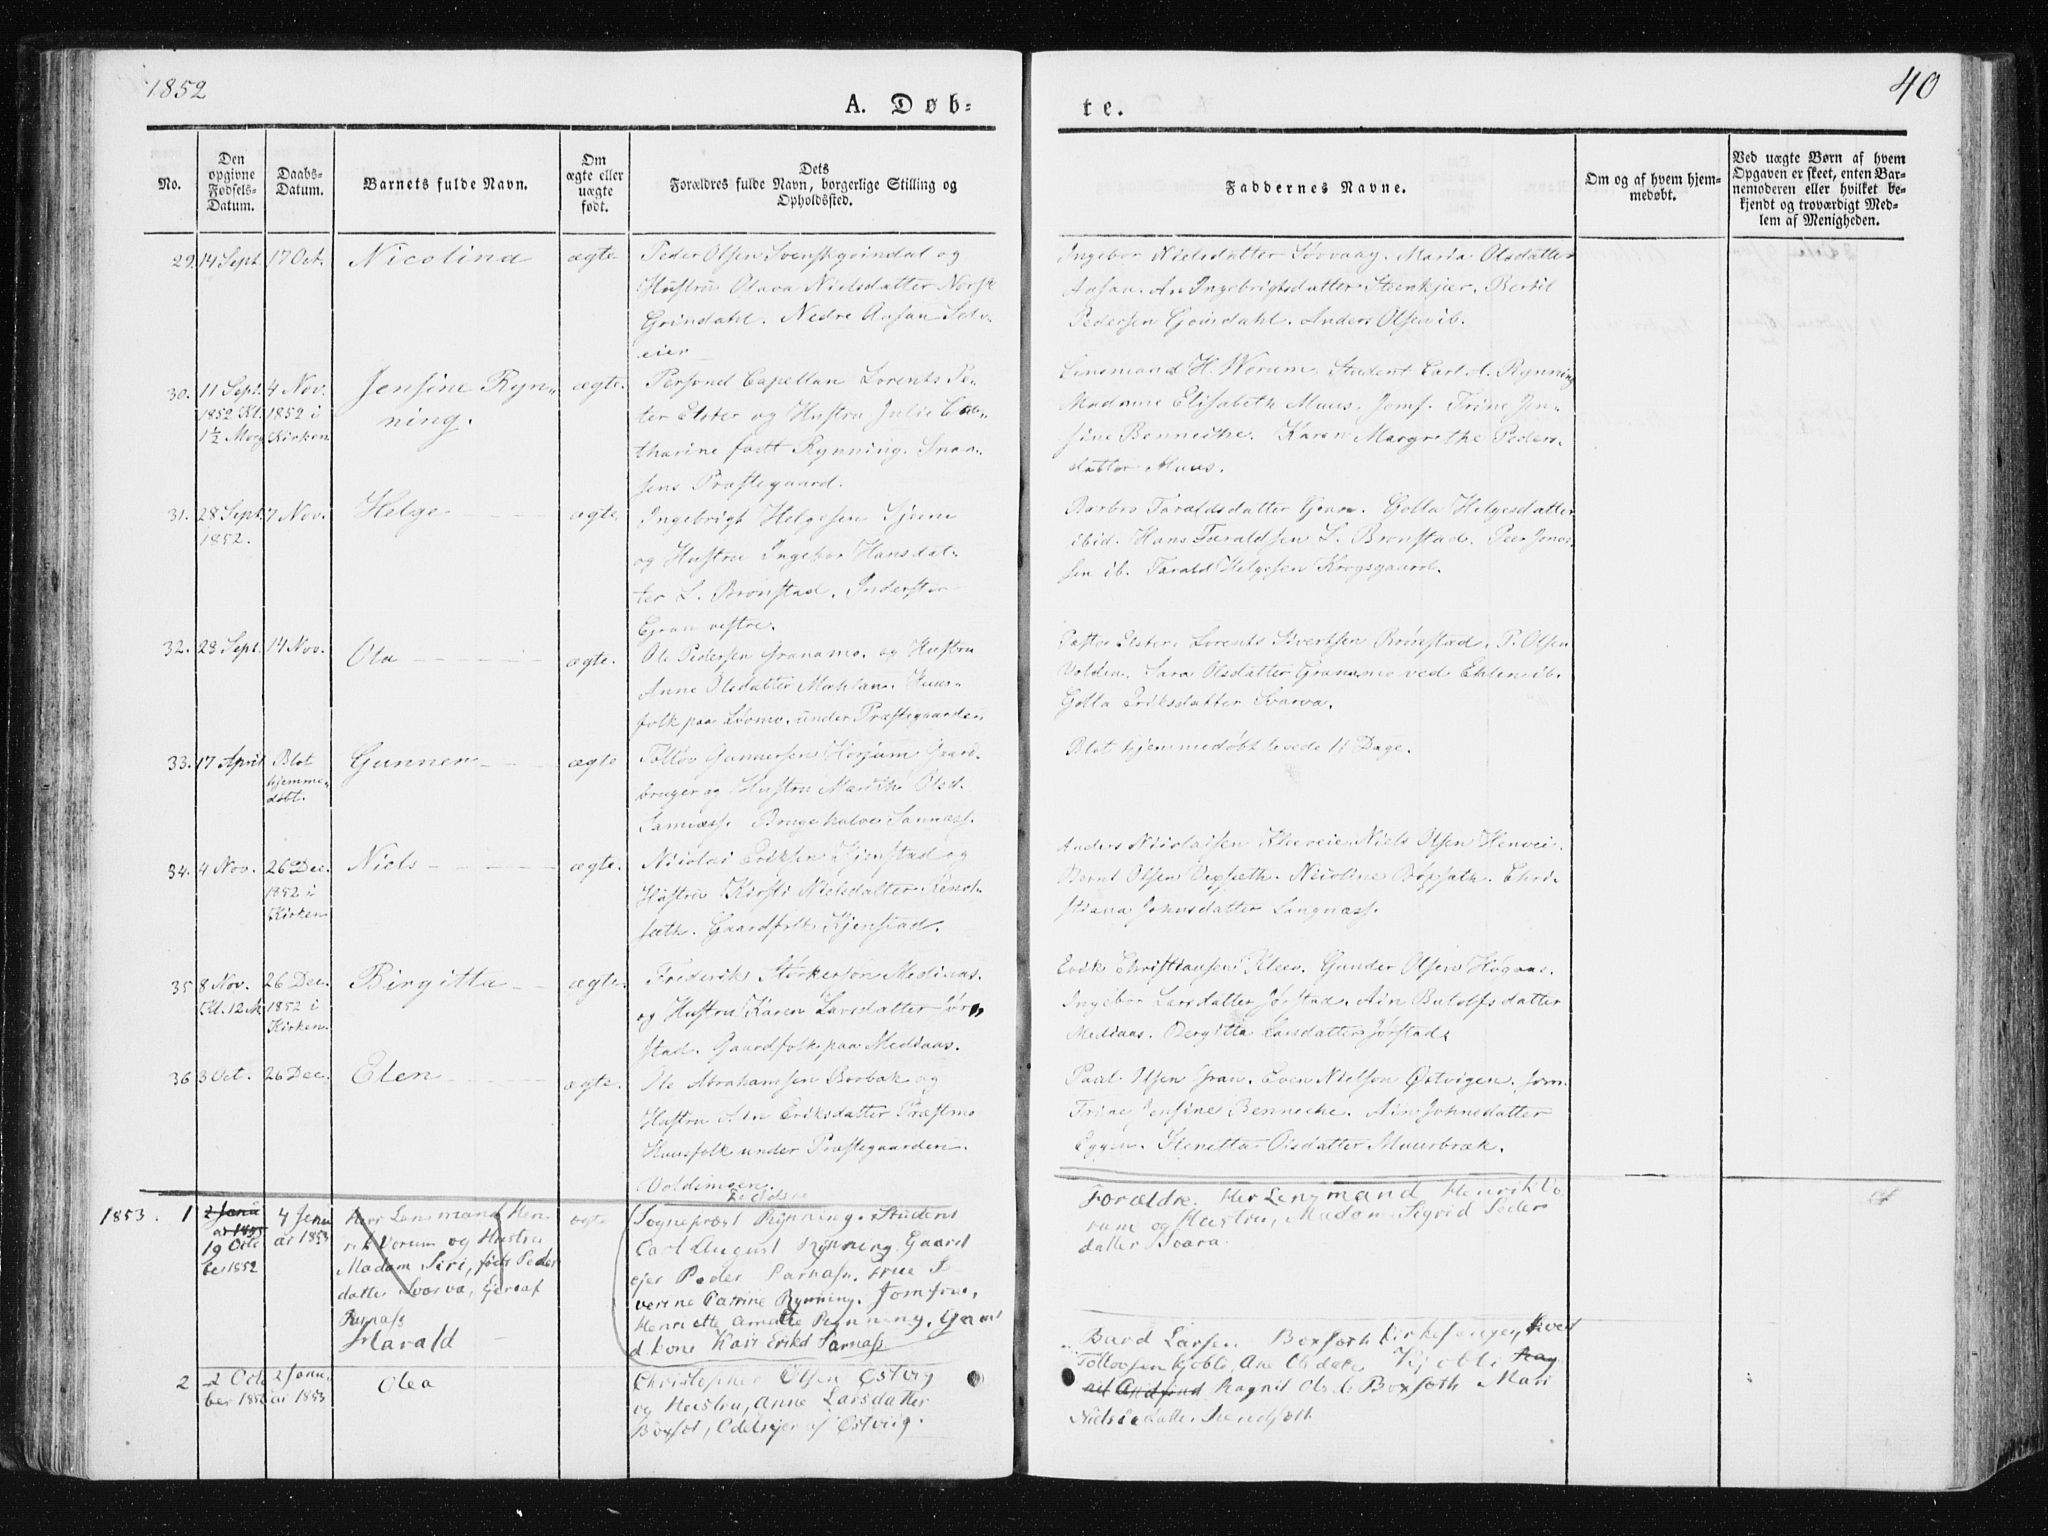 SAT, Ministerialprotokoller, klokkerbøker og fødselsregistre - Nord-Trøndelag, 749/L0470: Ministerialbok nr. 749A04, 1834-1853, s. 40